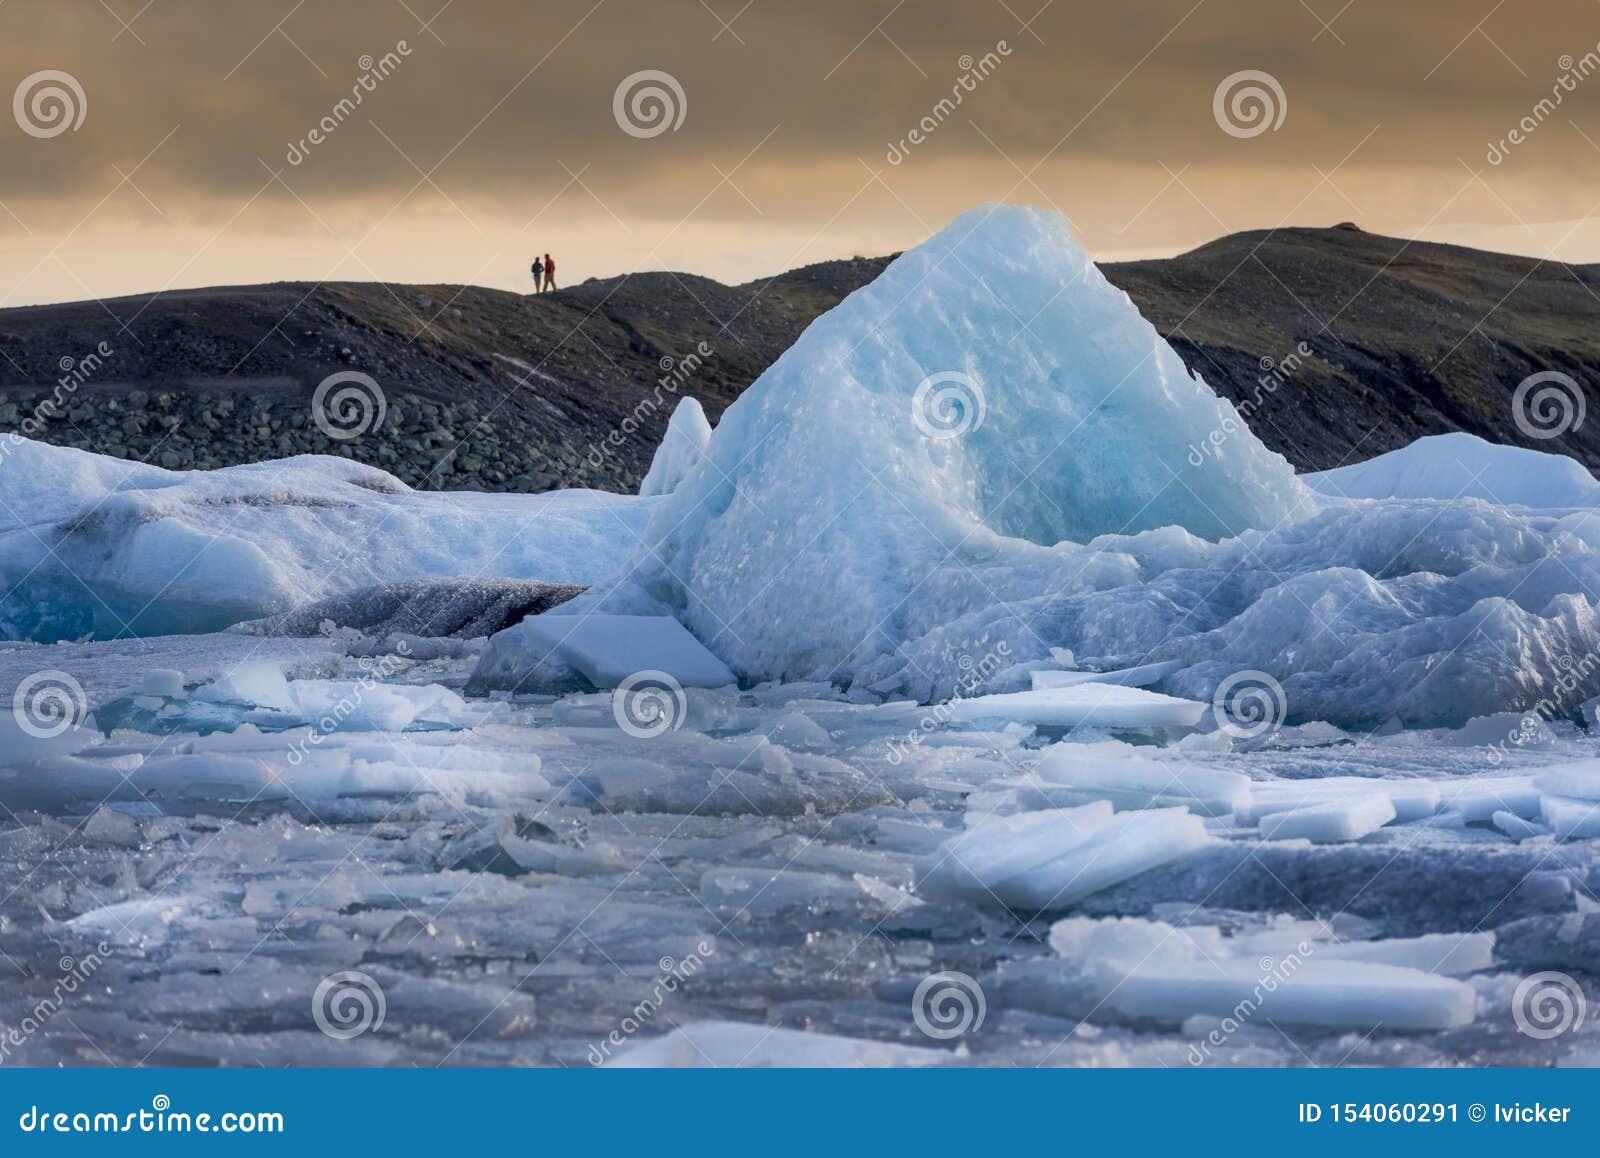 Sich hin- und herbewegender Eisberg bei Sonnenuntergang, Jökulsárlón-Gletscherlagune, Süden Island